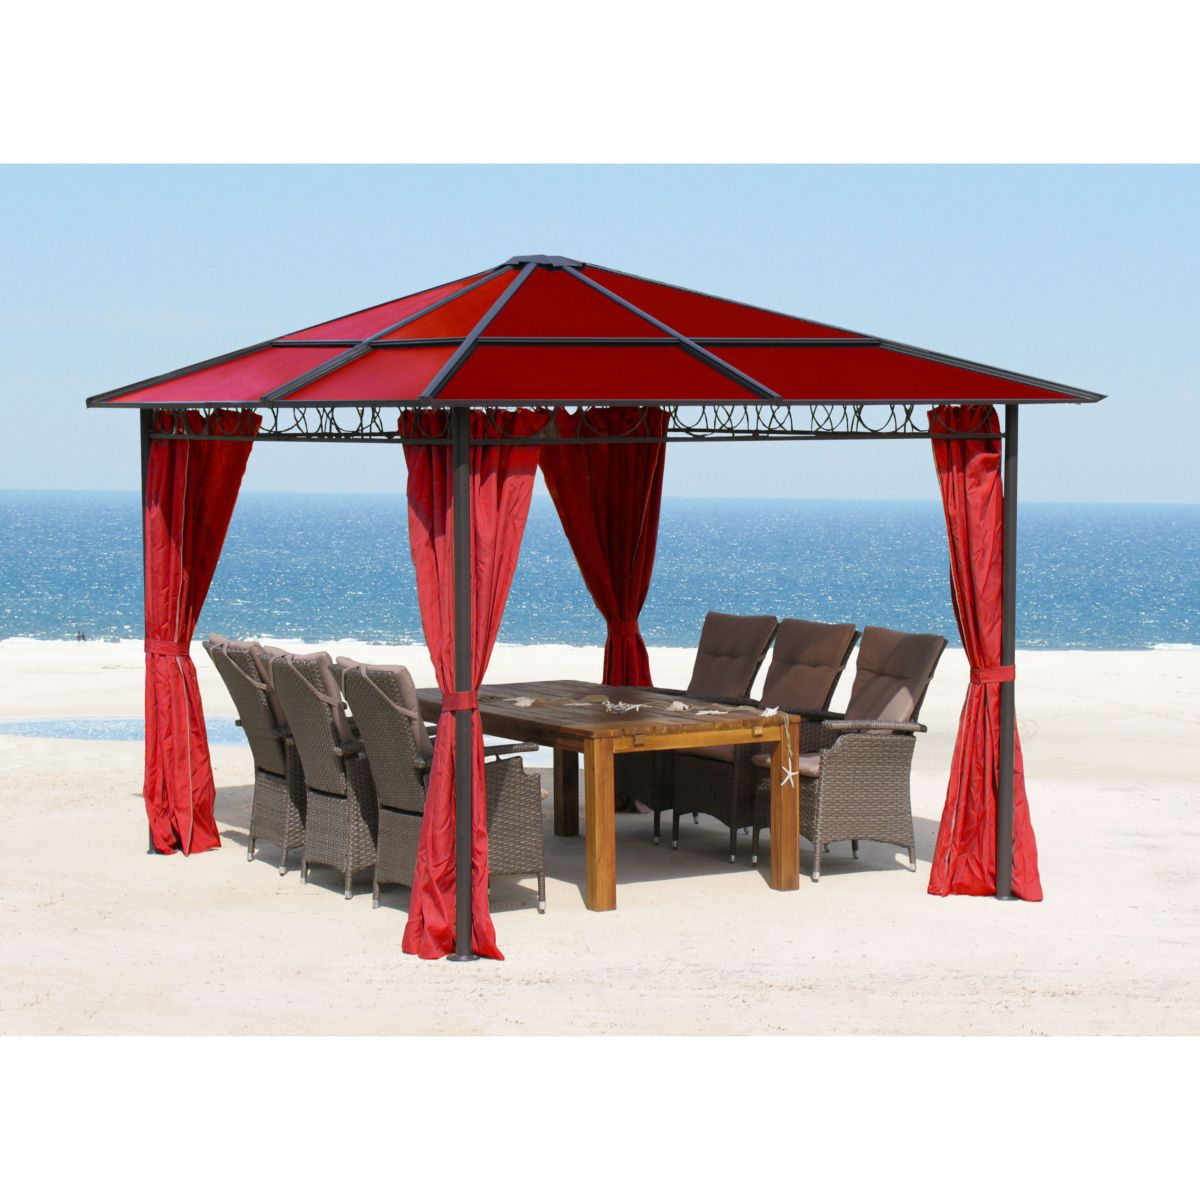 Grasekamp Pavillon 3x3m mit Doppelstegplatten und Seitenteile Rubin Polycarbonat jetztbilligerkaufen